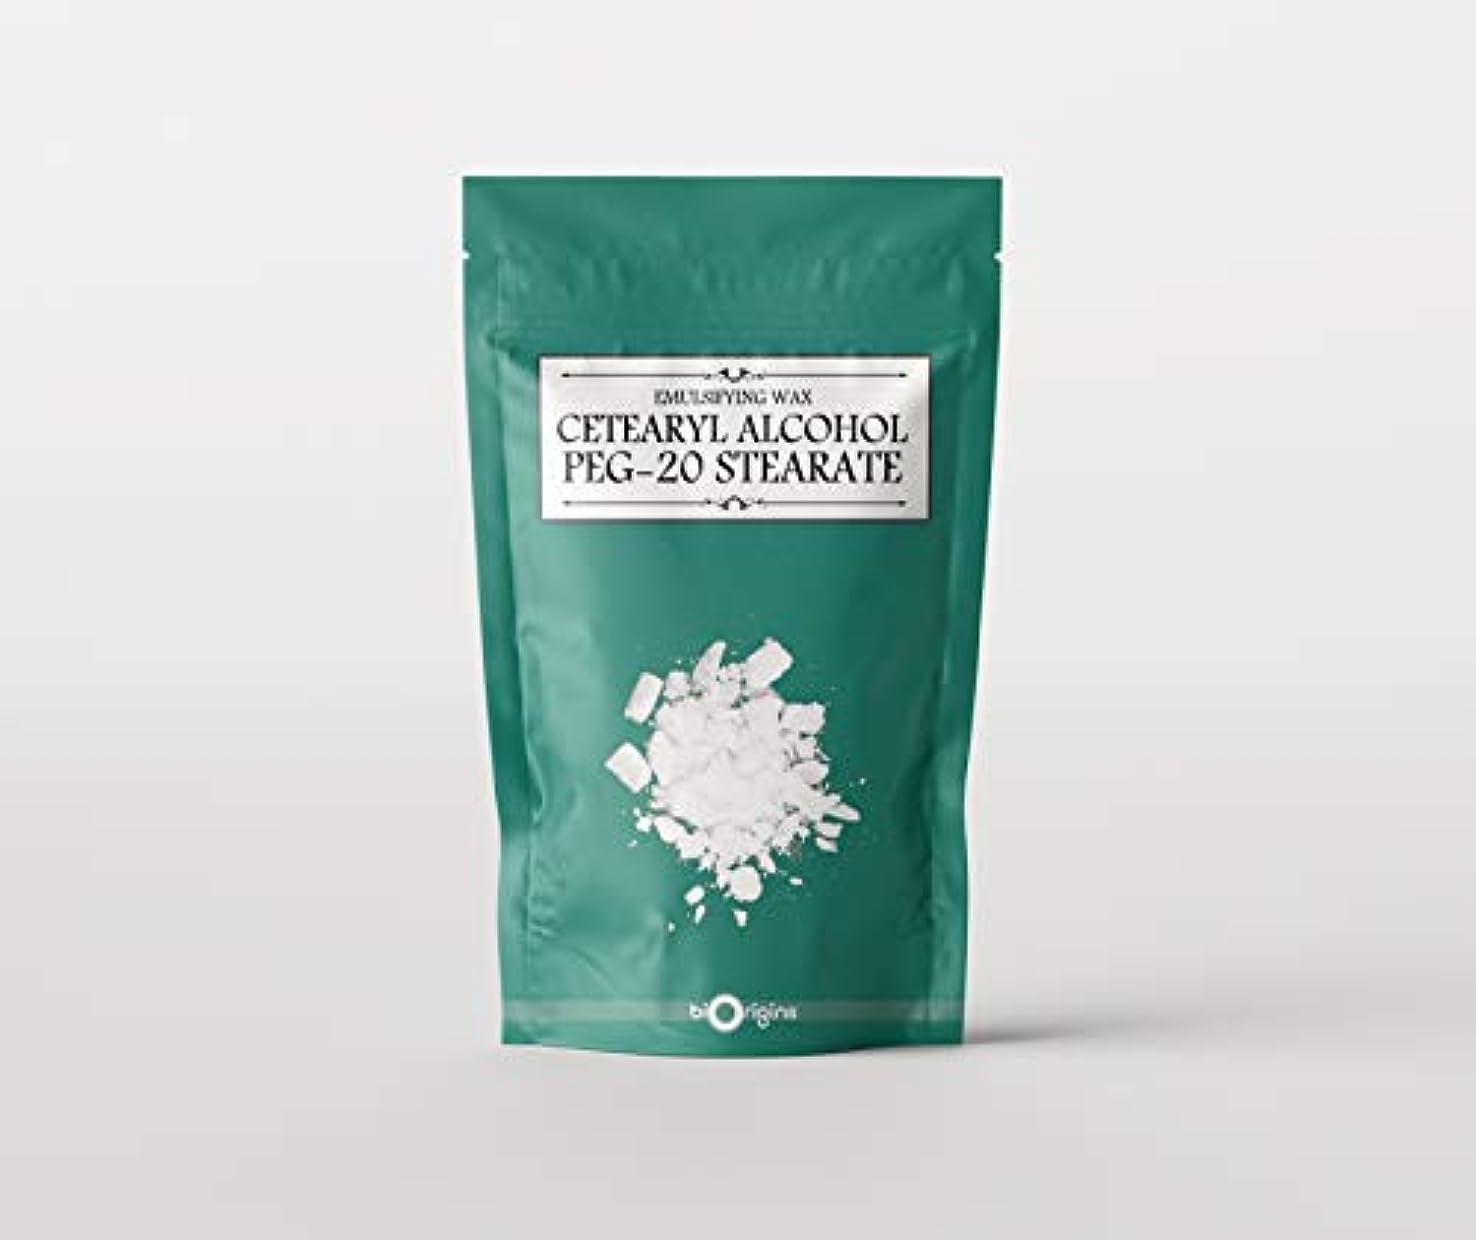 生きるショップ洗練Emulsifying Wax (Cetearyl Alcohol/PEG-20 Stearate) 500g